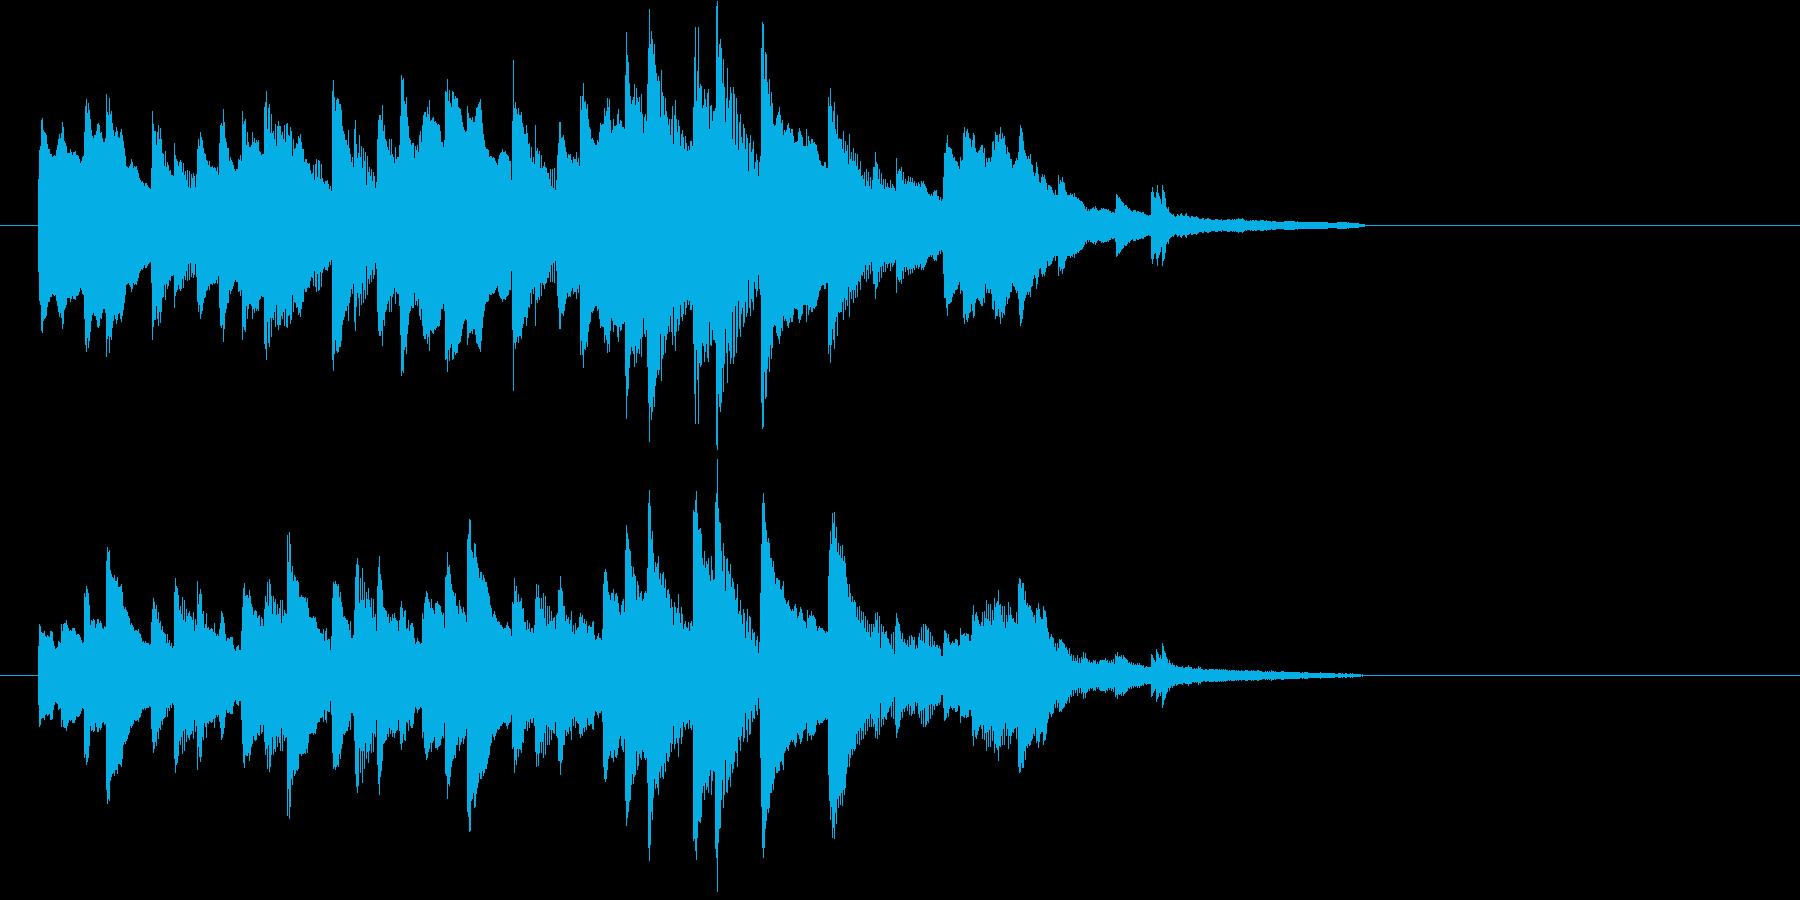 ピアノソロジングルの再生済みの波形